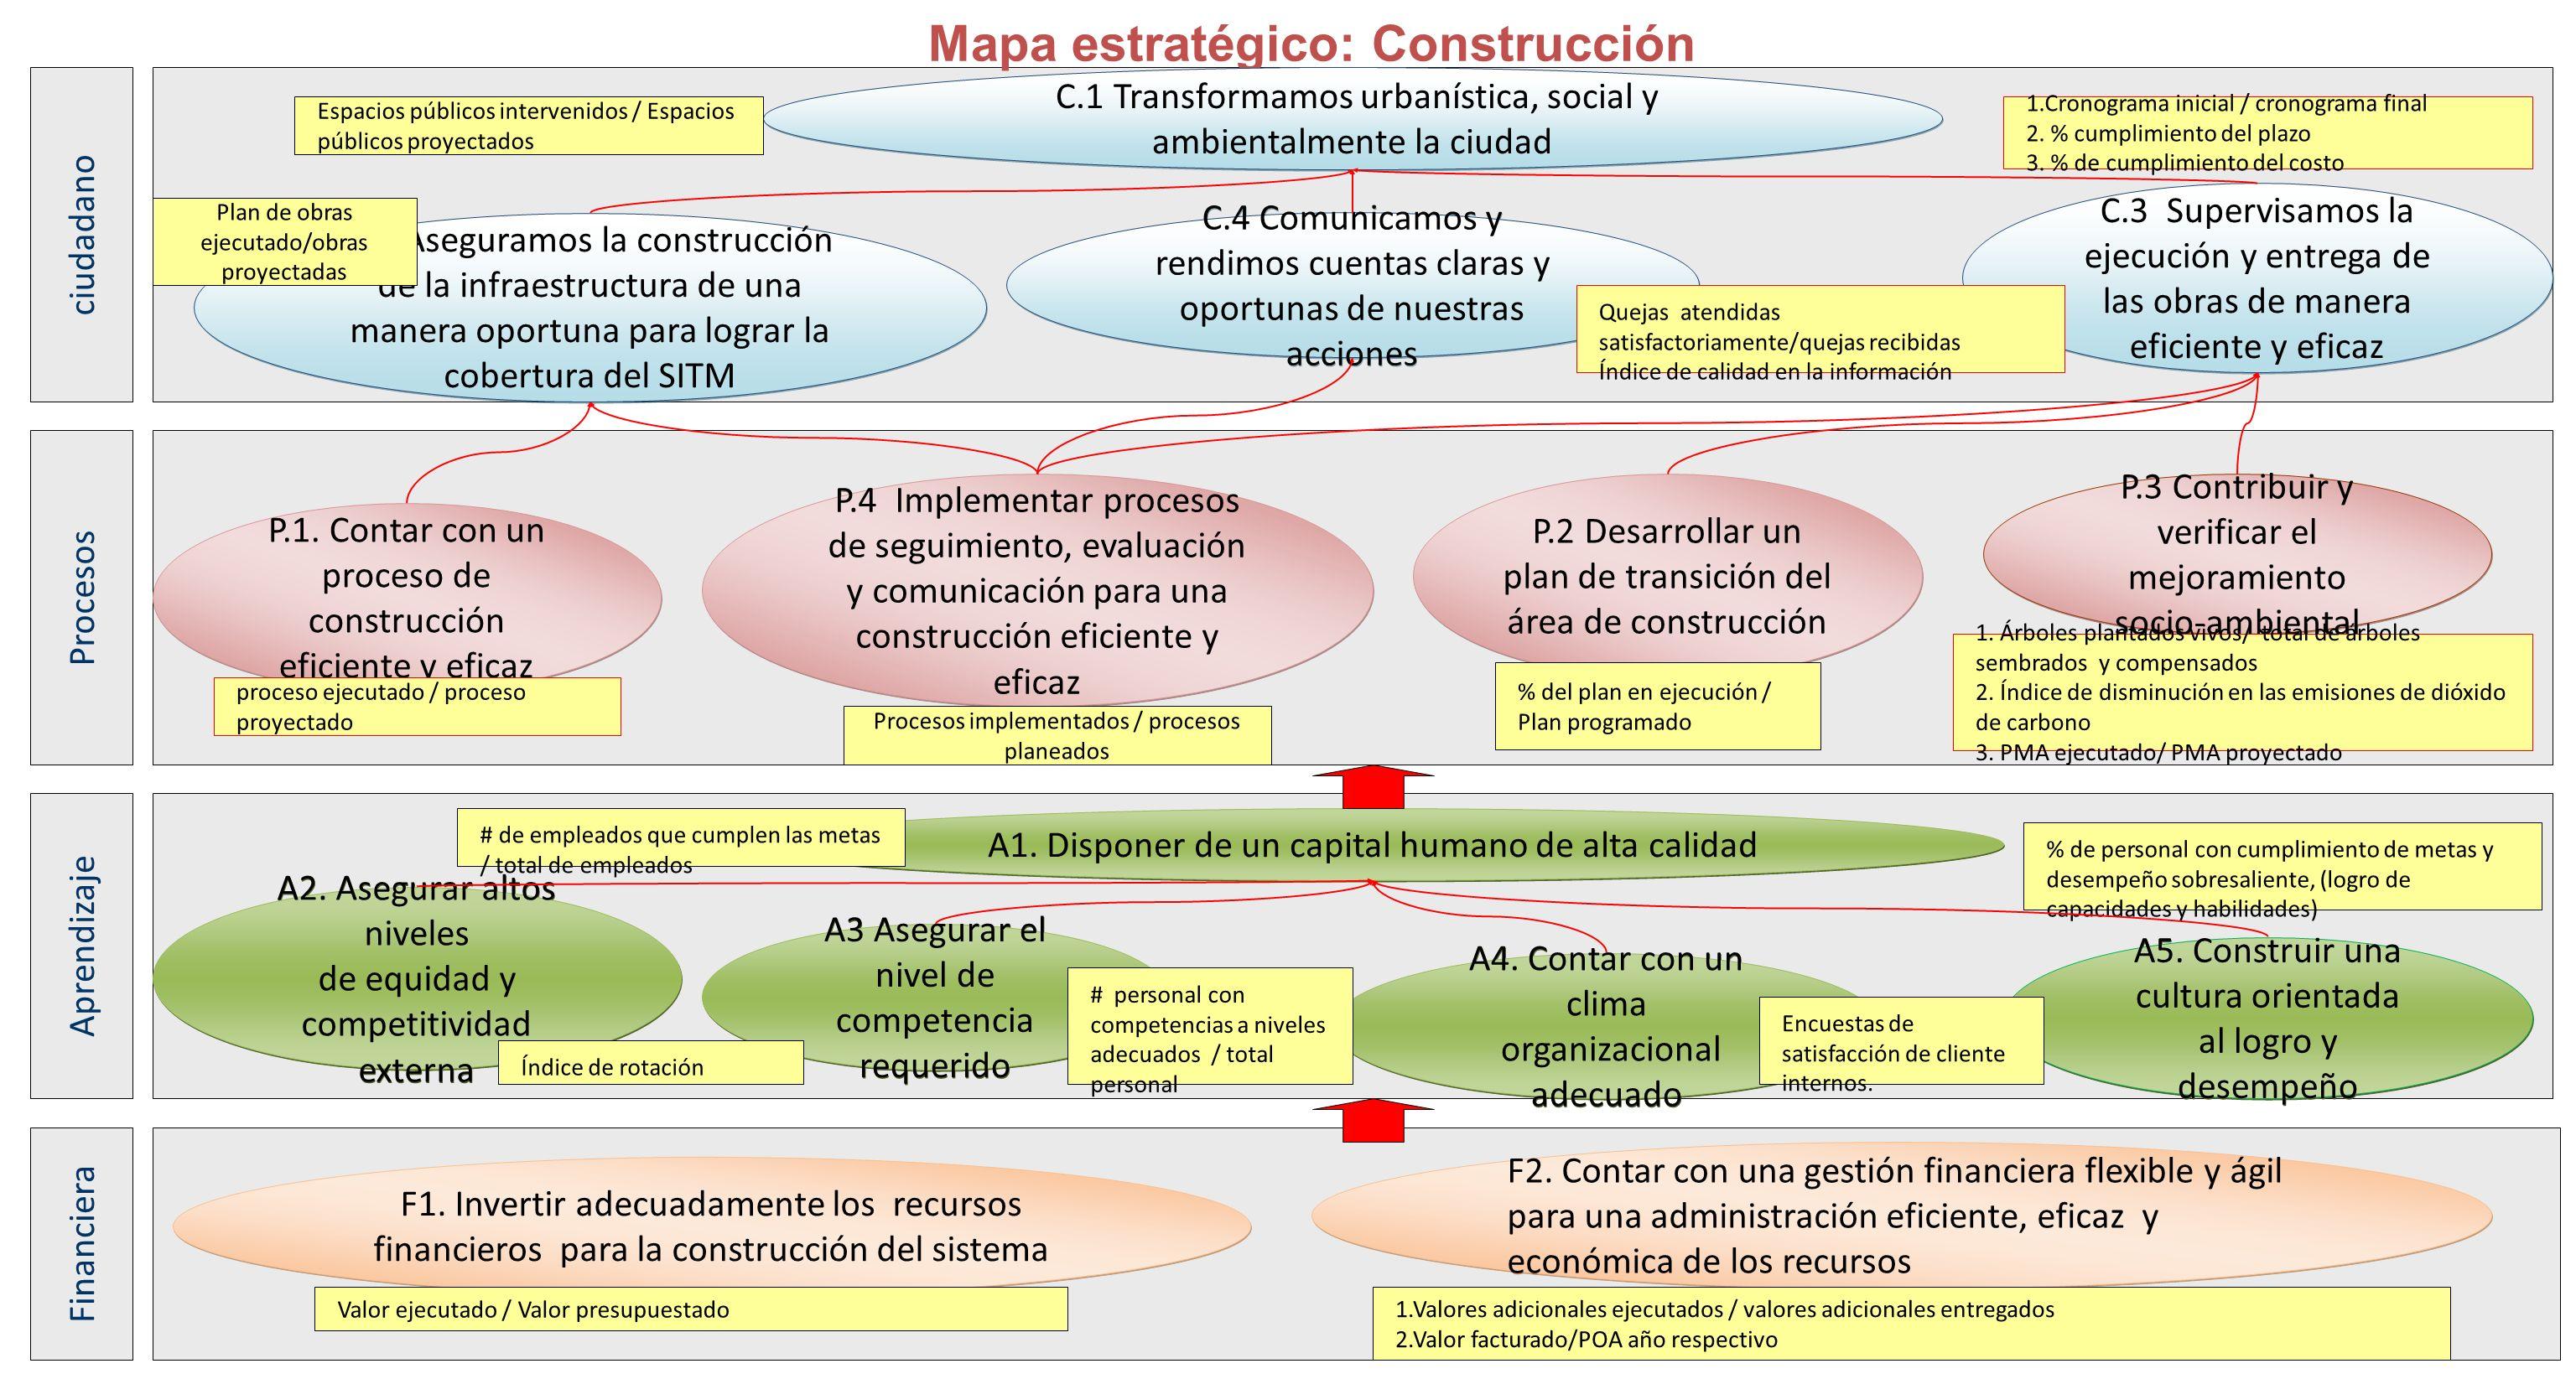 MACROPROCESO DE CONTROL Objetivo: Evaluar, efectuar el seguimiento y verificar el cumplimiento de los objetivos y metas de la Administración Central del Municipio, con el fin de facilitar la toma de decisiones que contribuyan al mejoramiento continuo de la gestión pública.